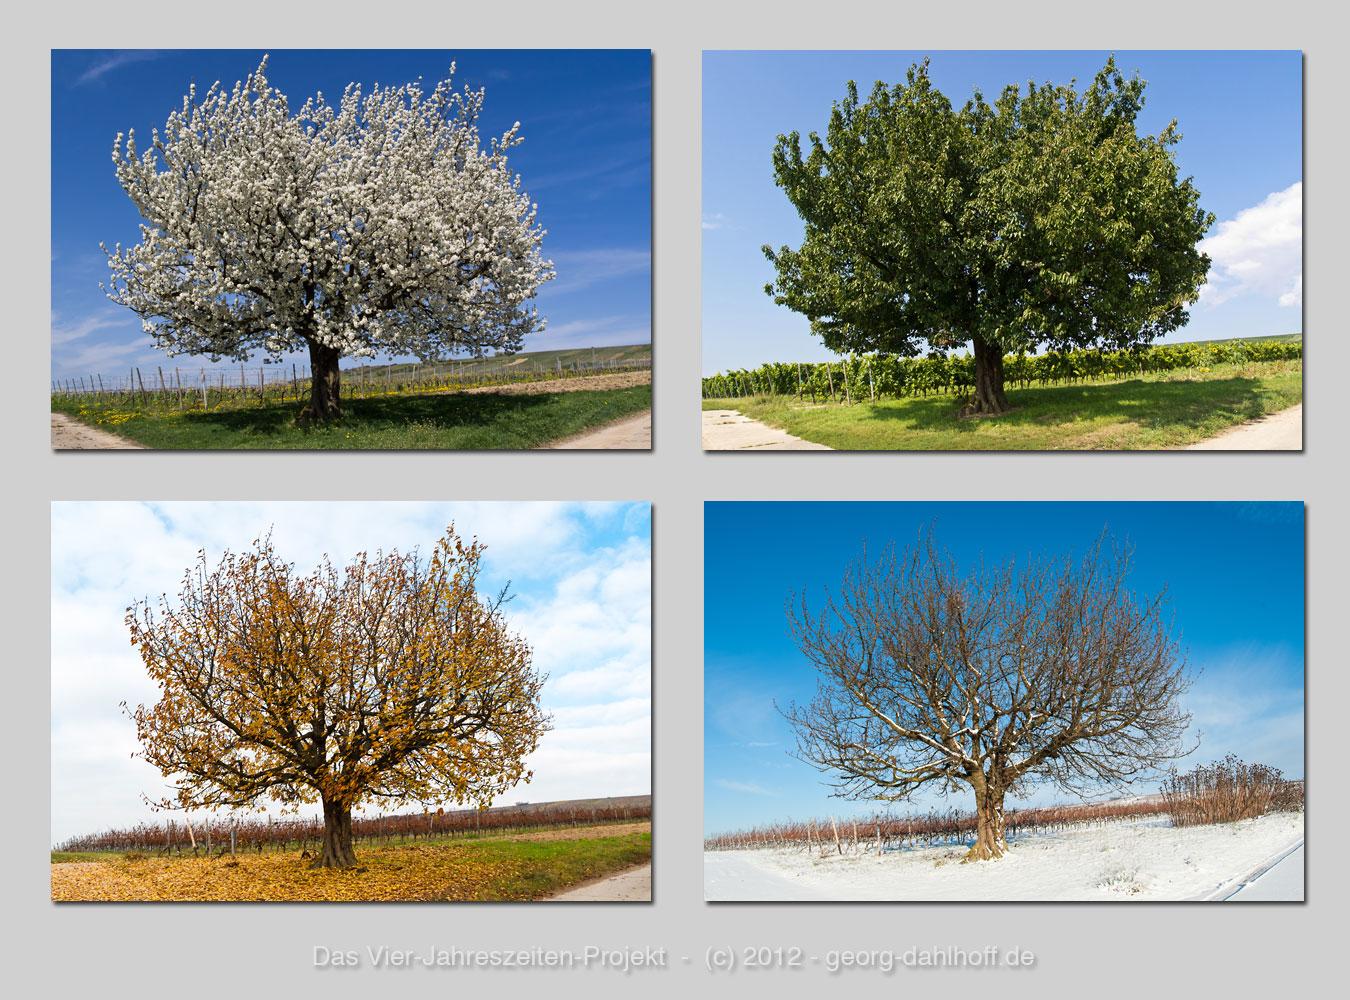 4 jahreszeiten bilder zum ausdrucken